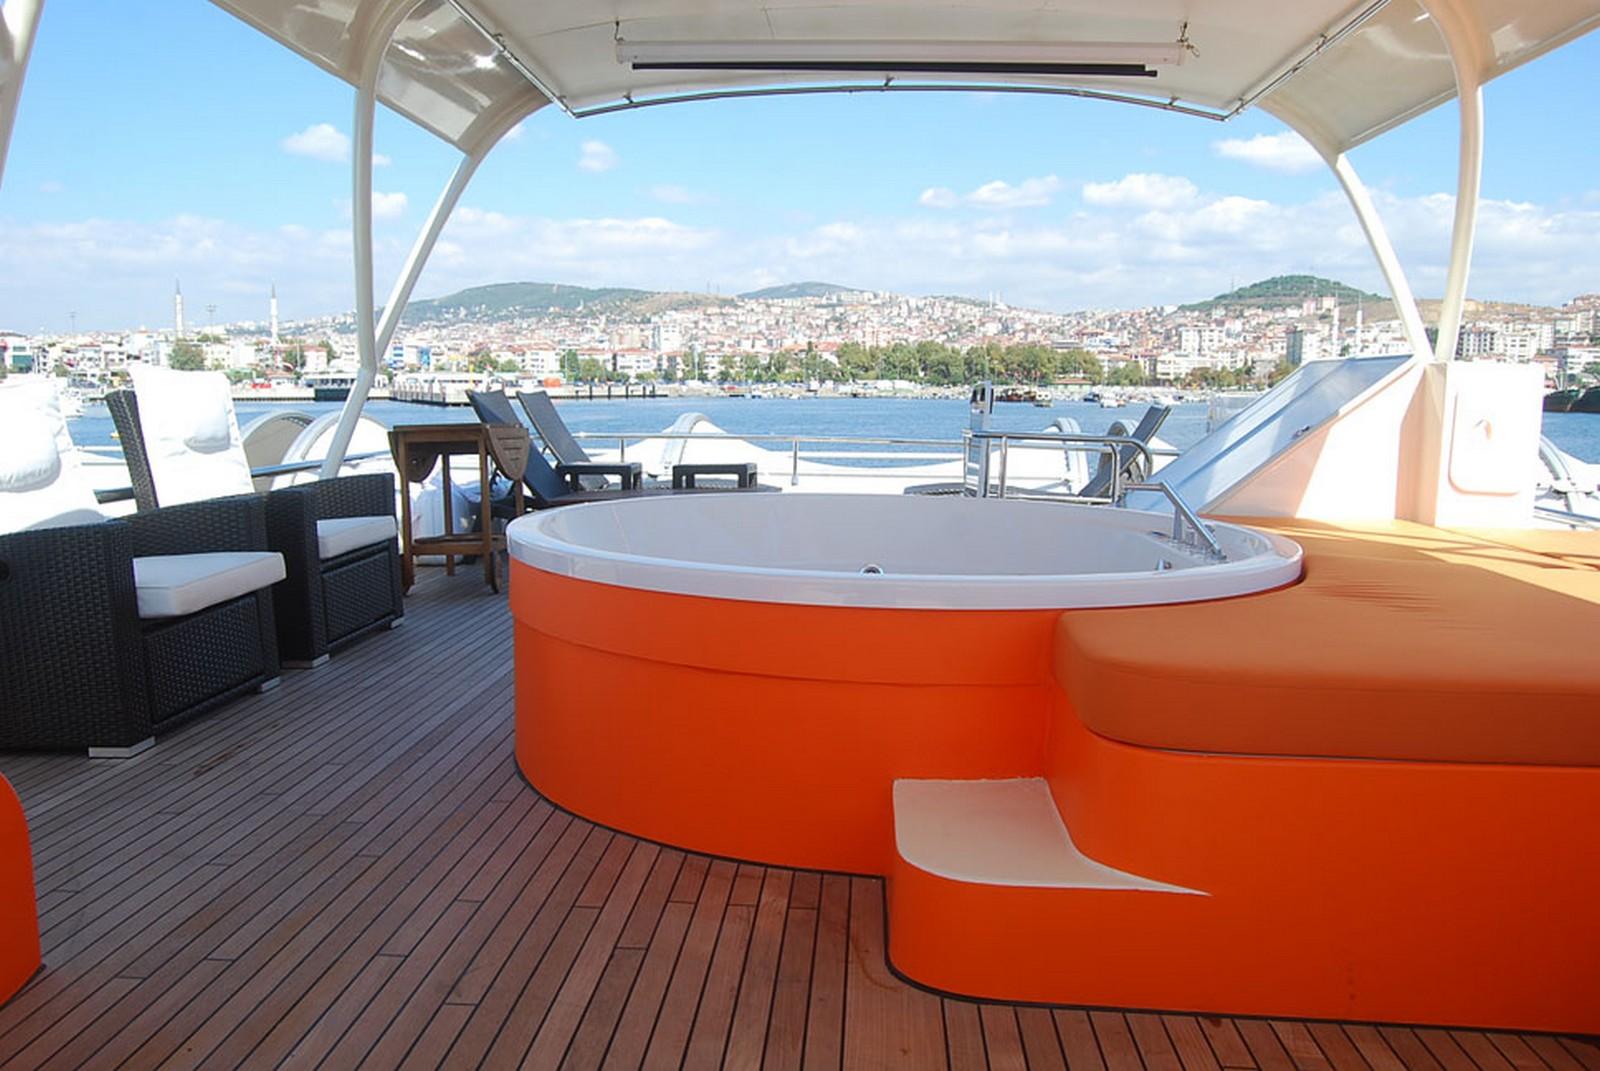 Motor Yacht Charter Dubai master2